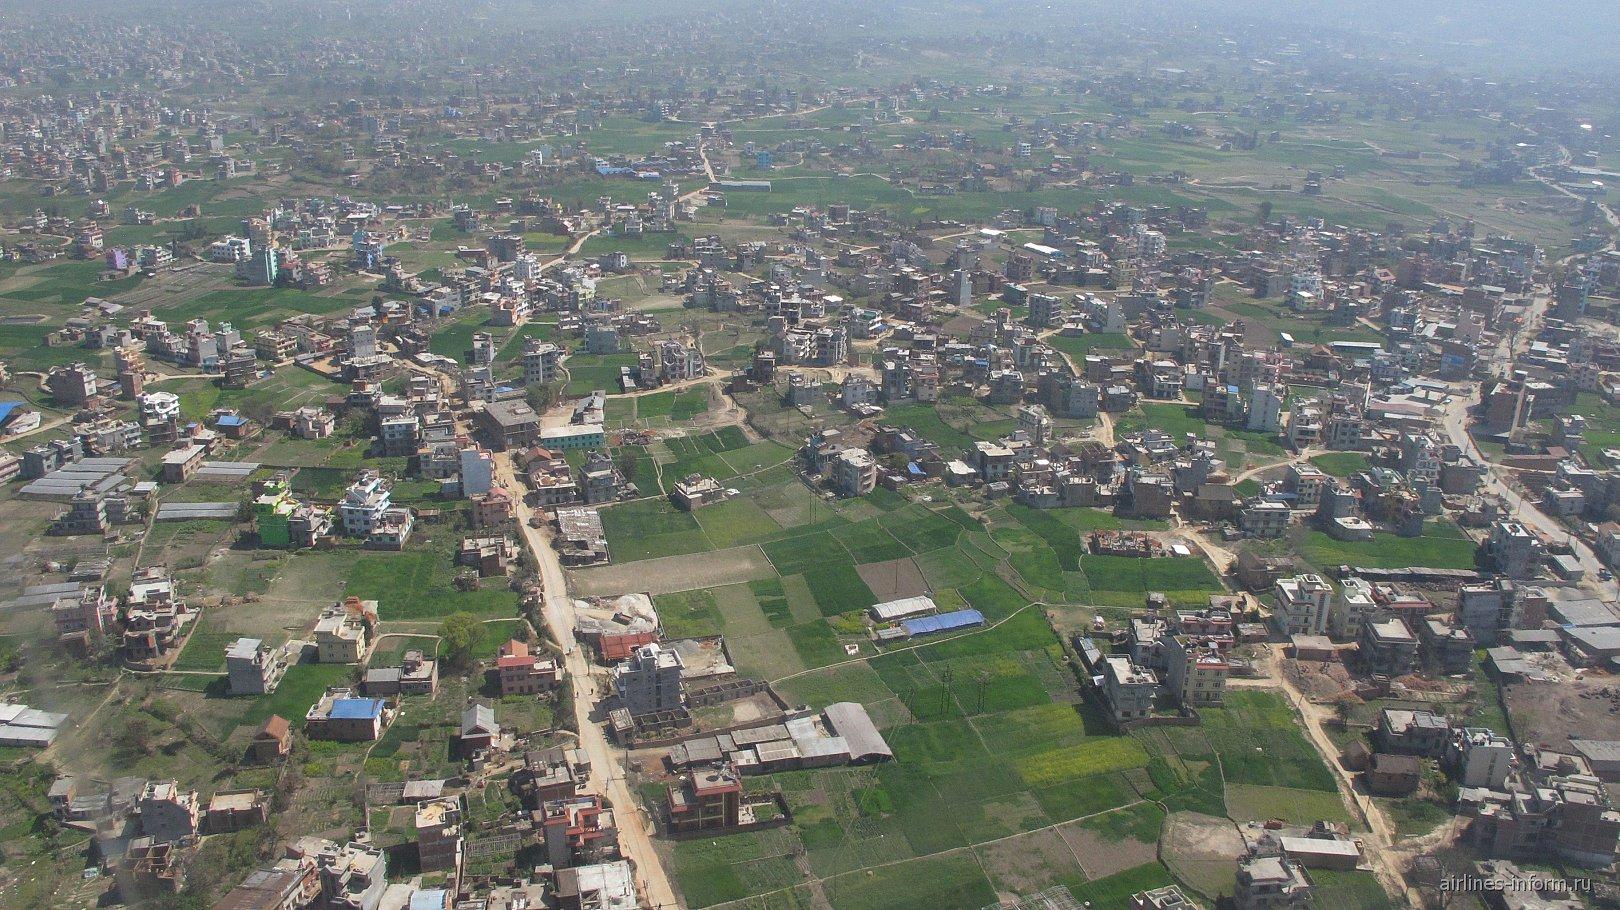 Жилые кварталы в пригороде города Катманду